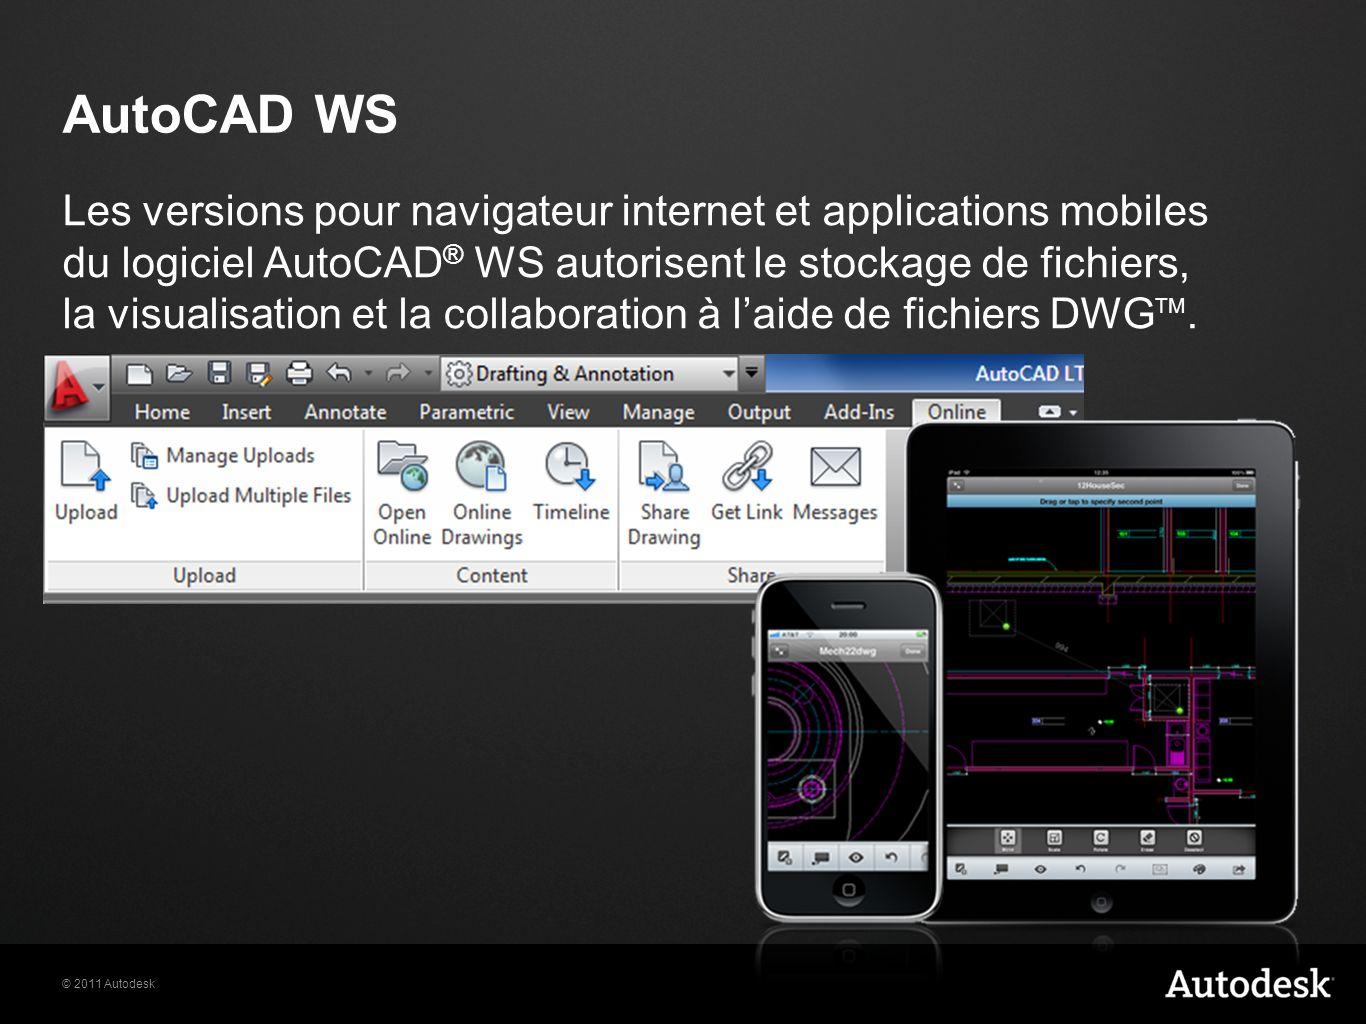 © 2011 Autodesk AutoCAD WS Les versions pour navigateur internet et applications mobiles du logiciel AutoCAD ® WS autorisent le stockage de fichiers, la visualisation et la collaboration à laide de fichiers DWG TM.